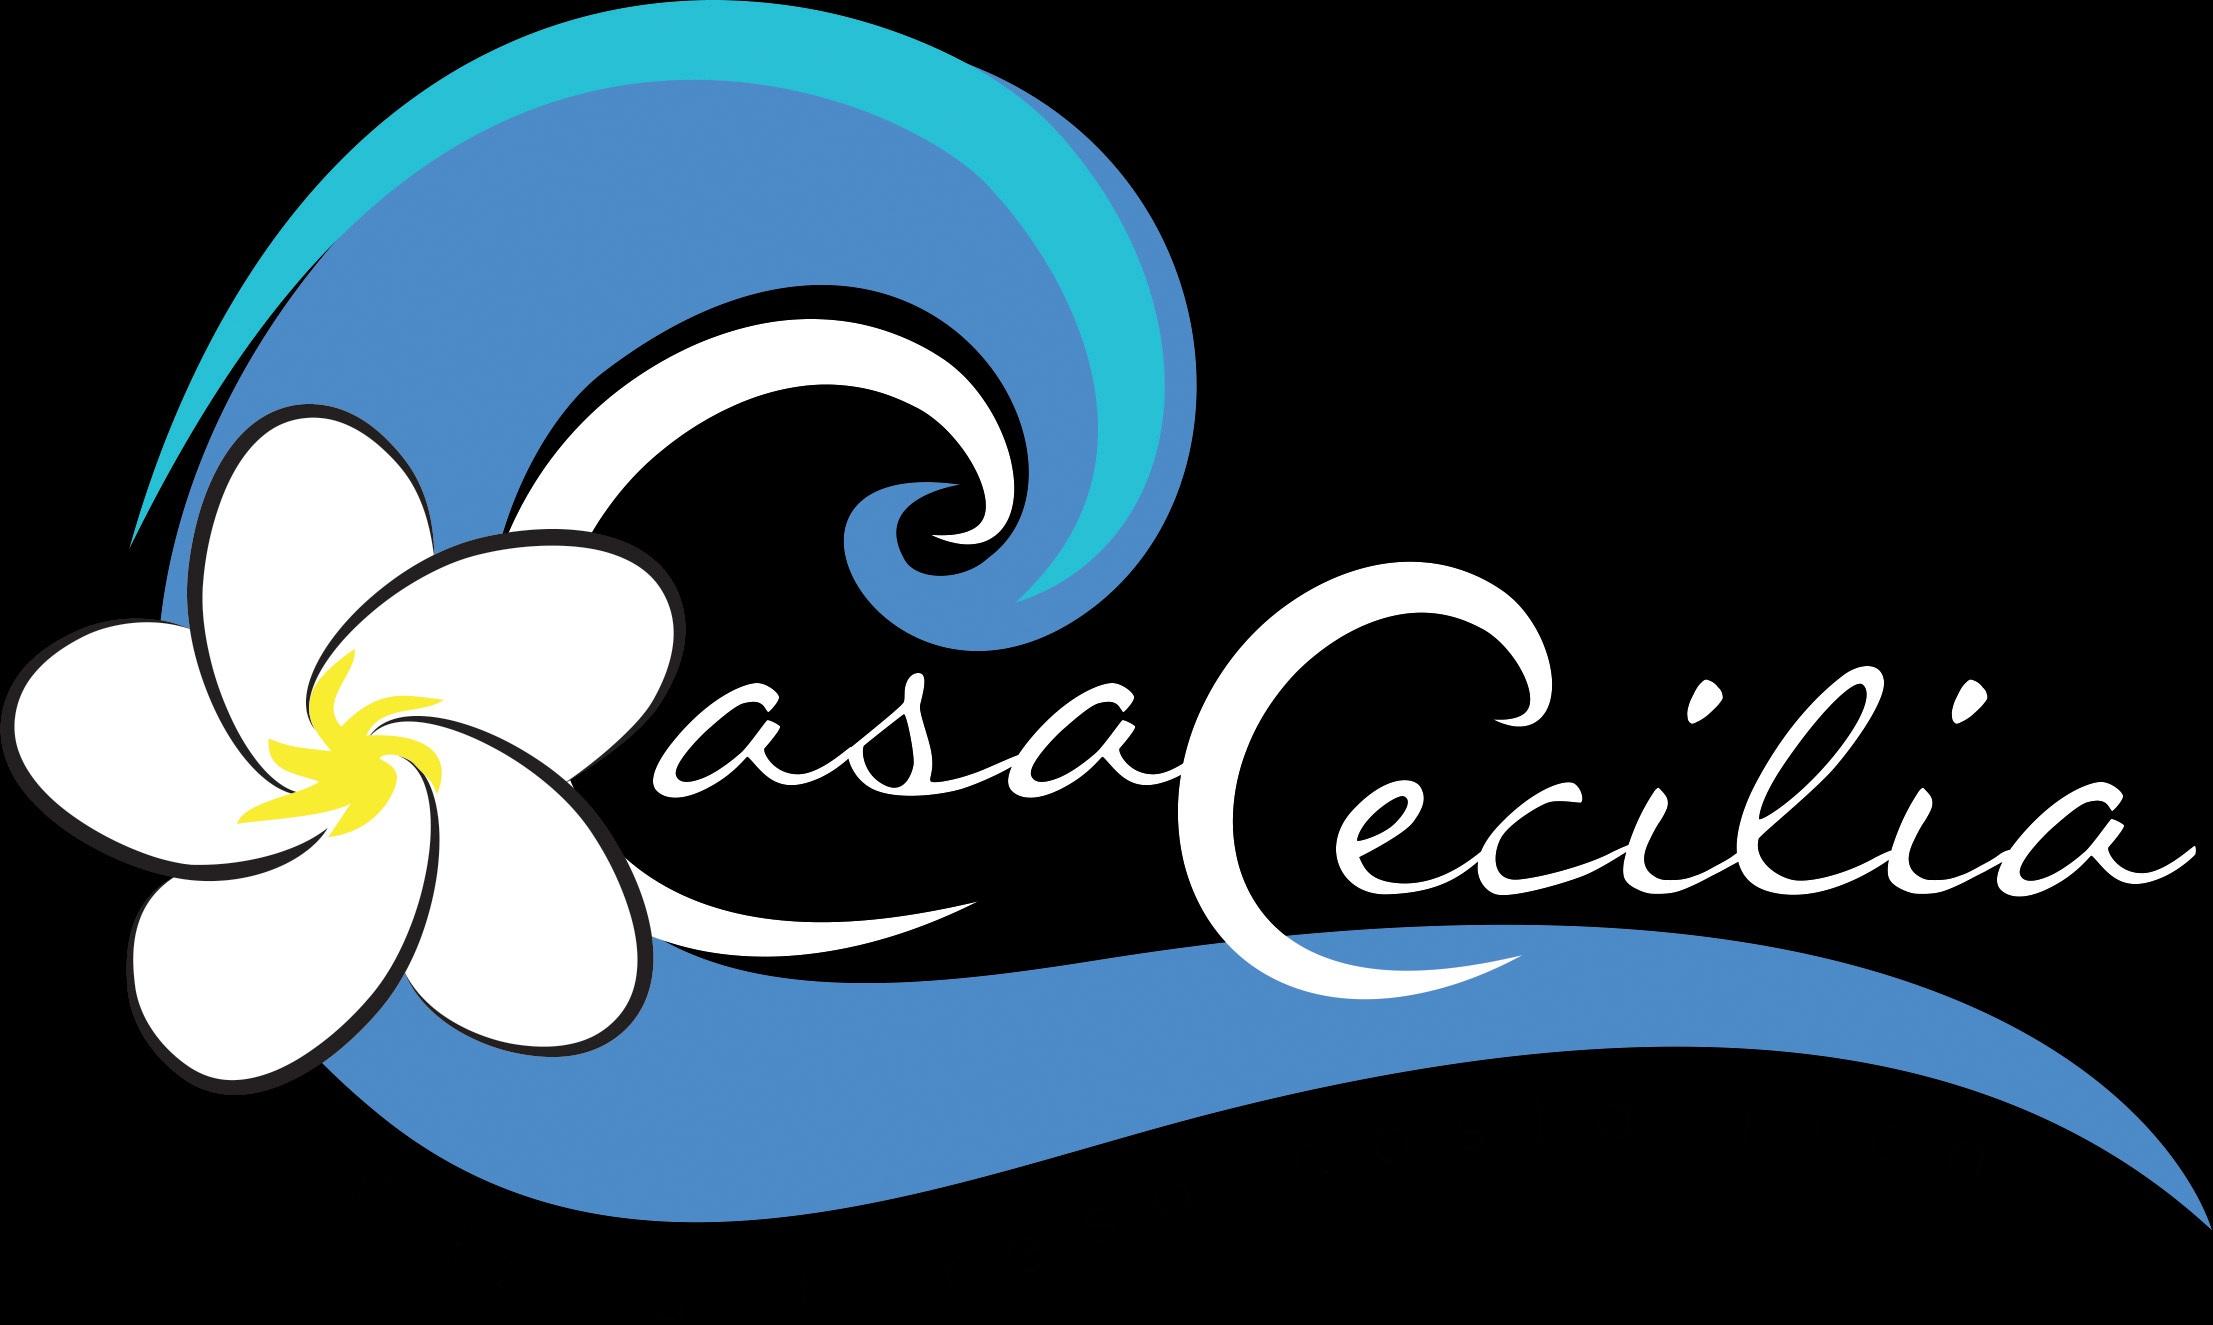 Hotel Casa Cecilia